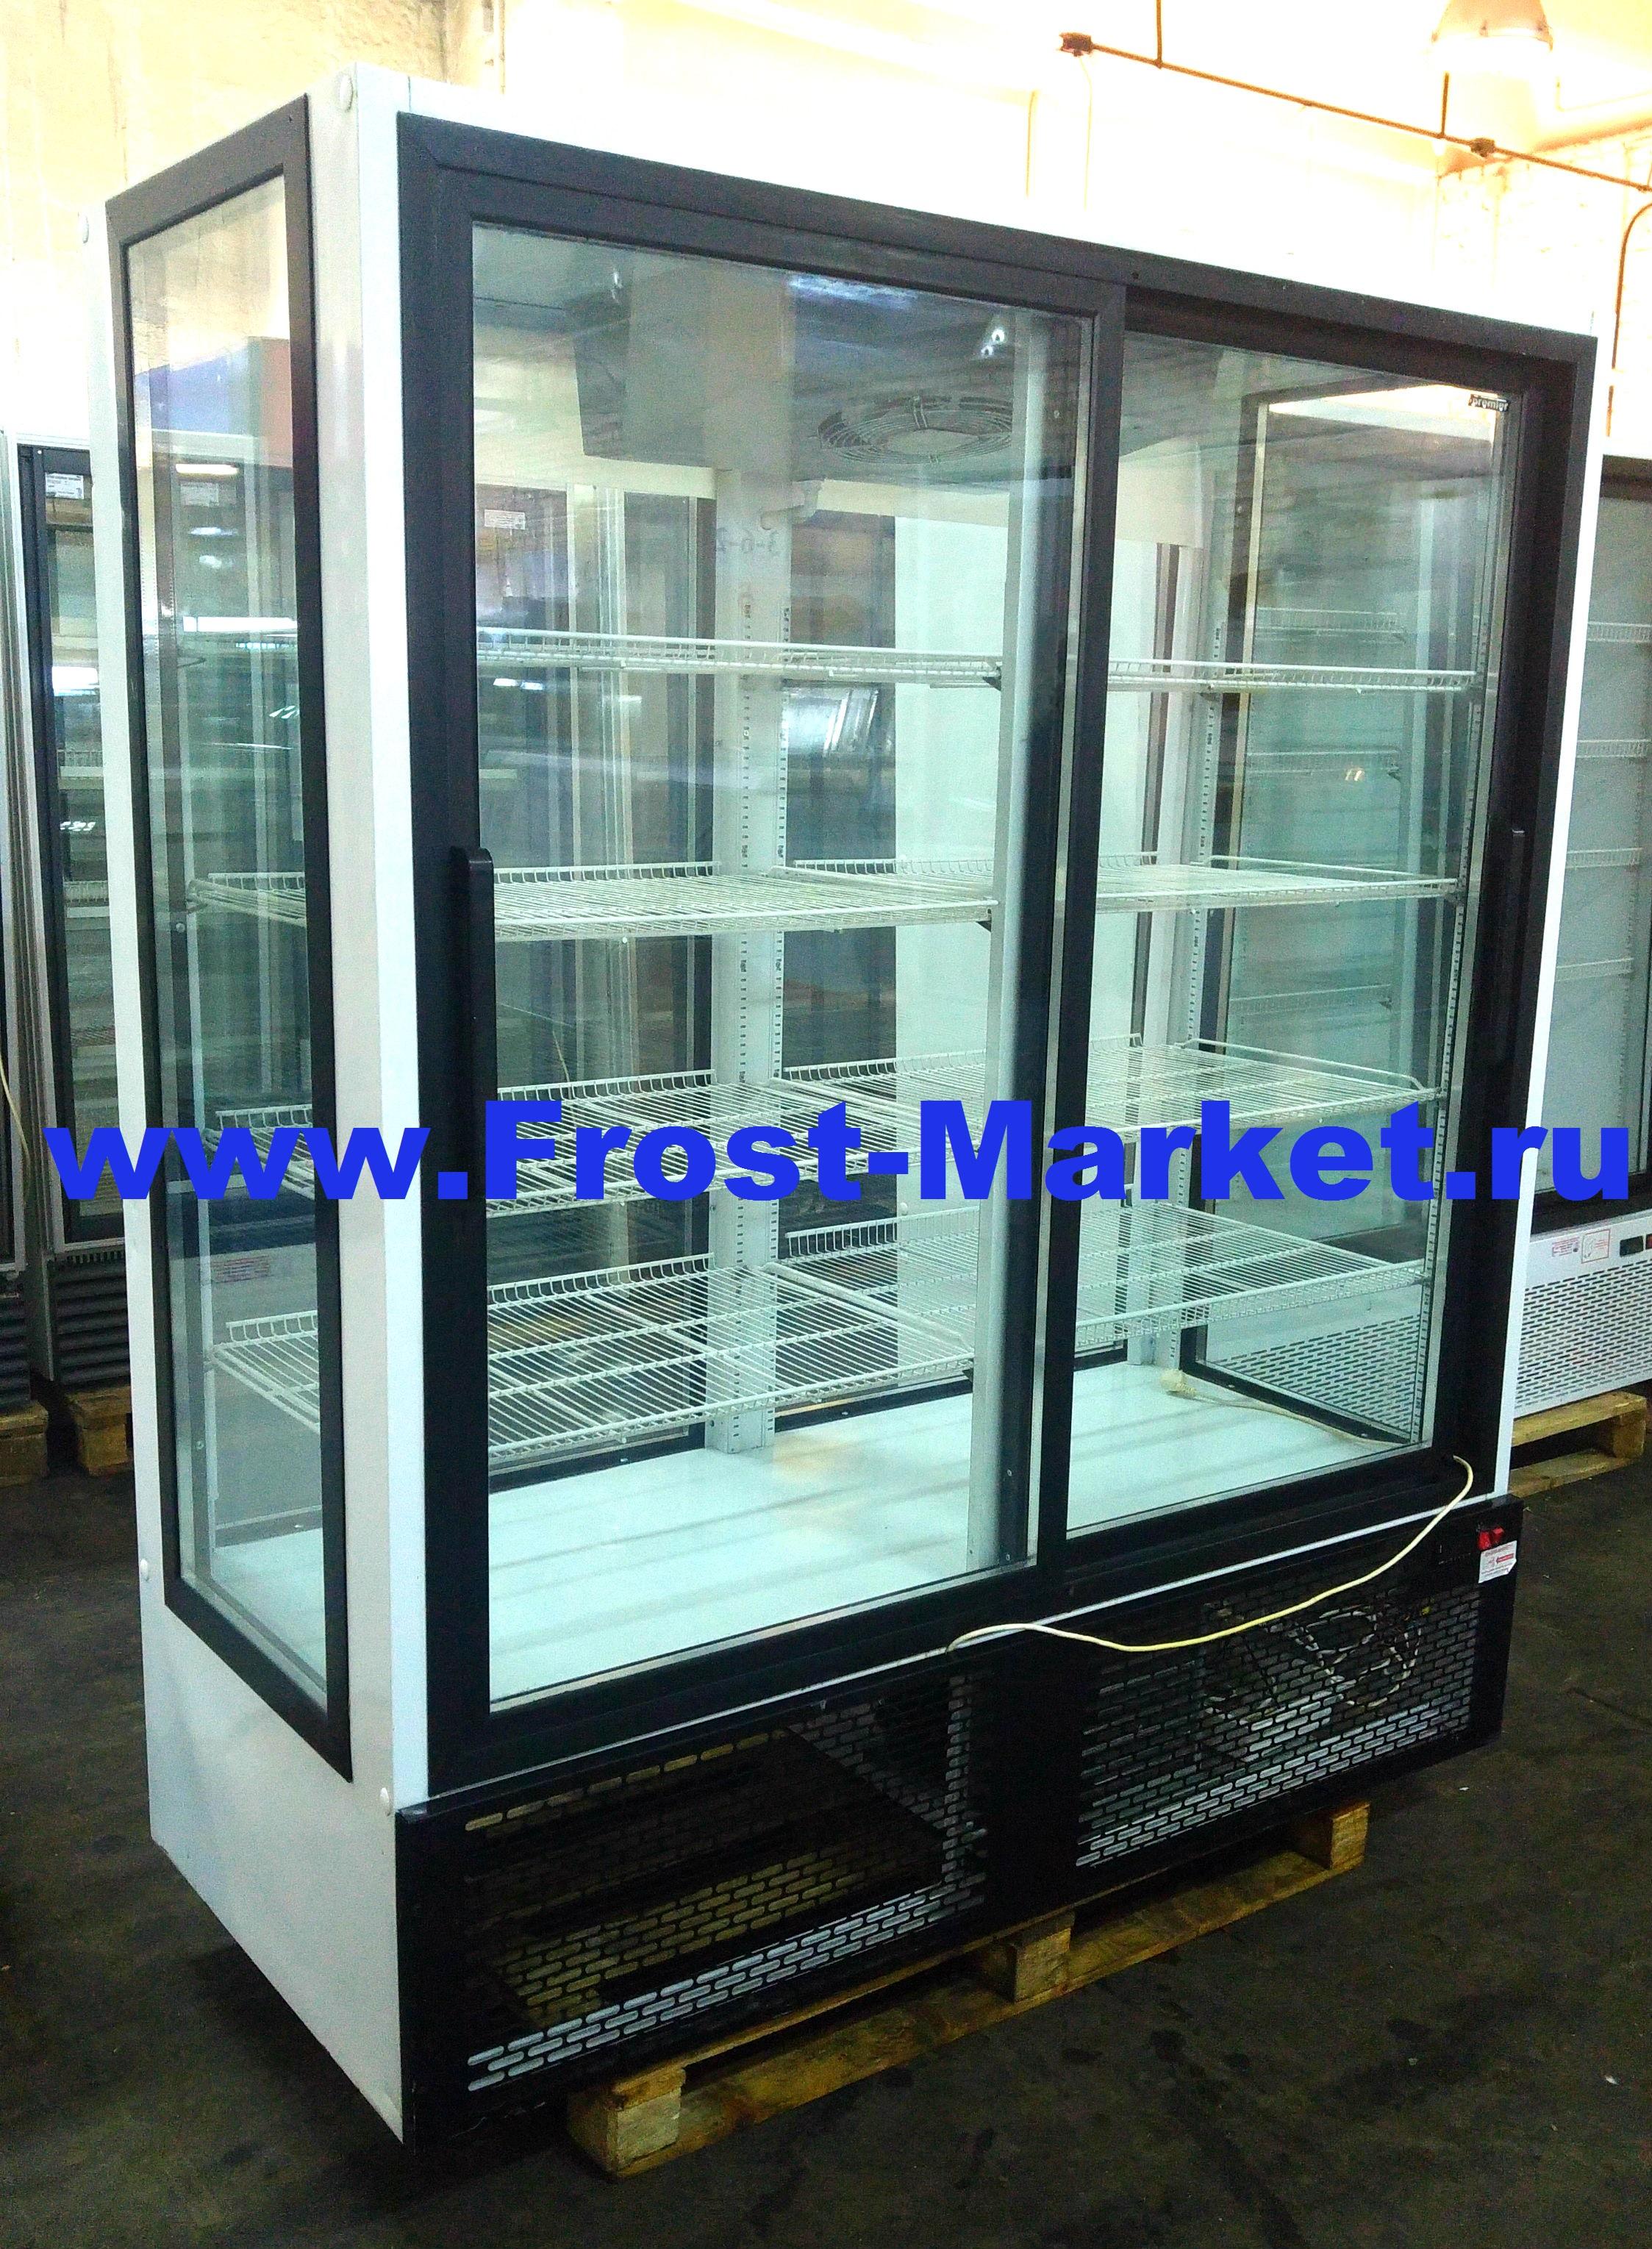 Обновление ассортинмента холодильных шкафов бу Премьер 1,5 K4 купе (остекление 4-х сторон)